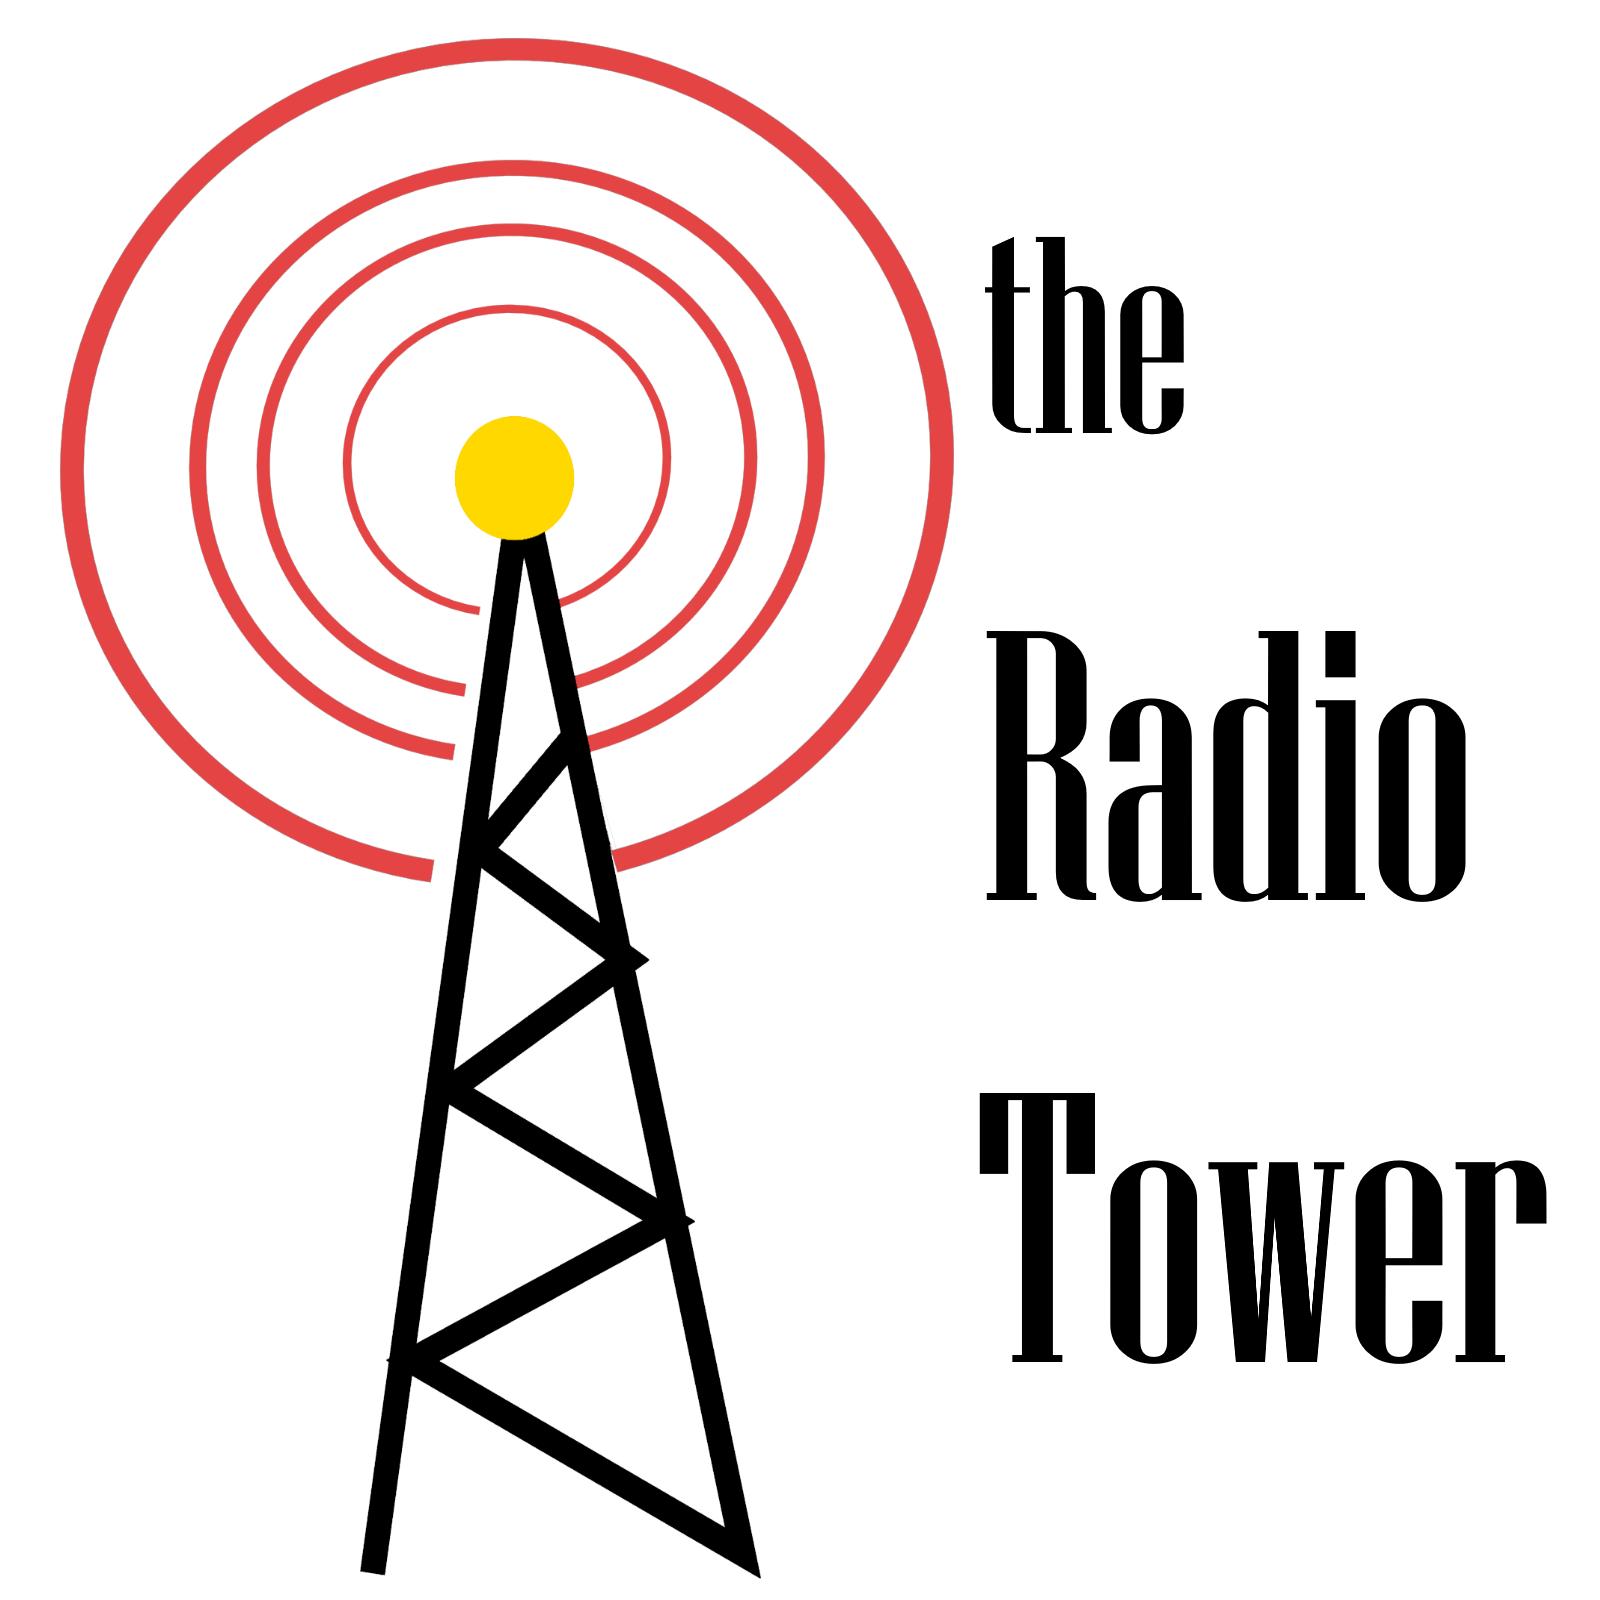 Radio Tower 27: The History of Radios with John Vuolo. Part II show art